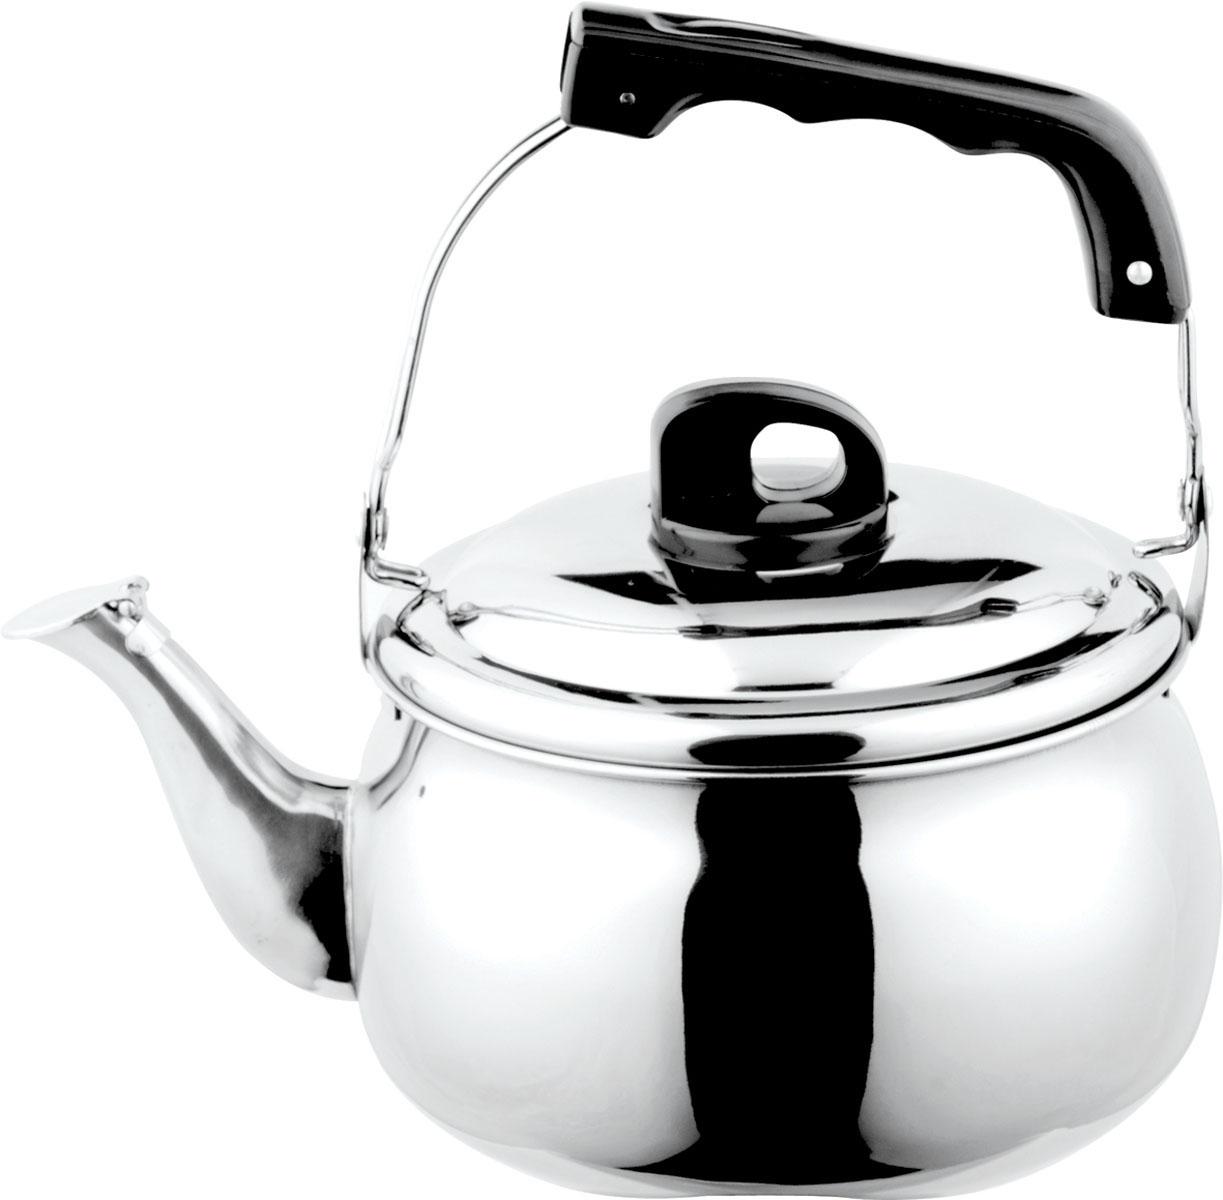 Чайник Bekker, со свистком, 5 л54 009303Чайник Bekker выполнен из высококачественной нержавеющей стали, что обеспечивает долговечность использования. Внешнее зеркальное покрытие придает приятный внешний вид. Бакелитовая ручка делает использование чайника очень удобным и безопасным. Цельнометаллическое дно способствует равномерному распространению тепла. Чайник снабжен свистком. Можно мыть в посудомоечной машине. Пригоден для всех видов плит, включая индукционные.